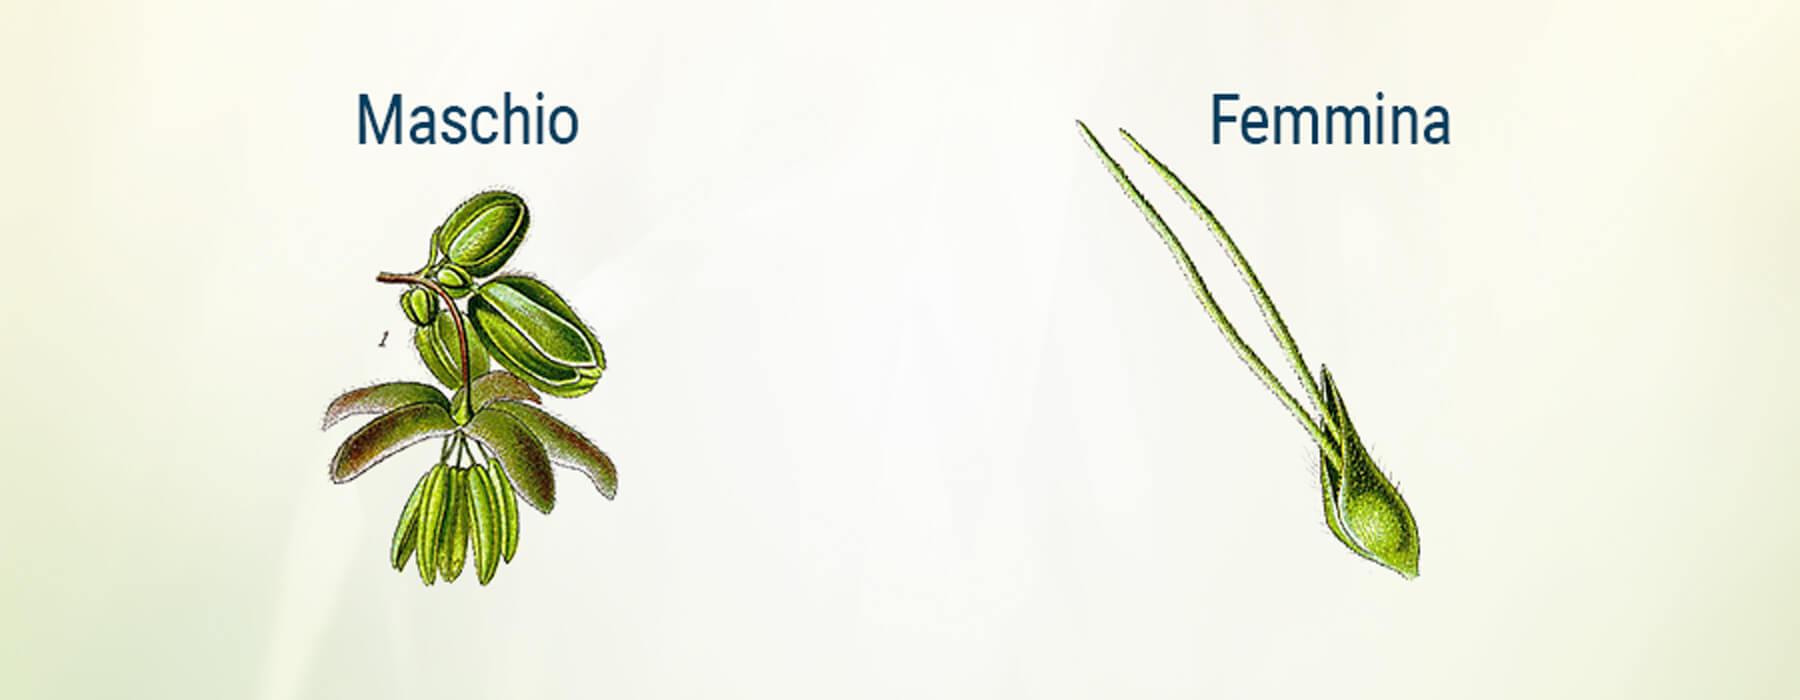 Bratta Femminile Maschio Della Cannabis